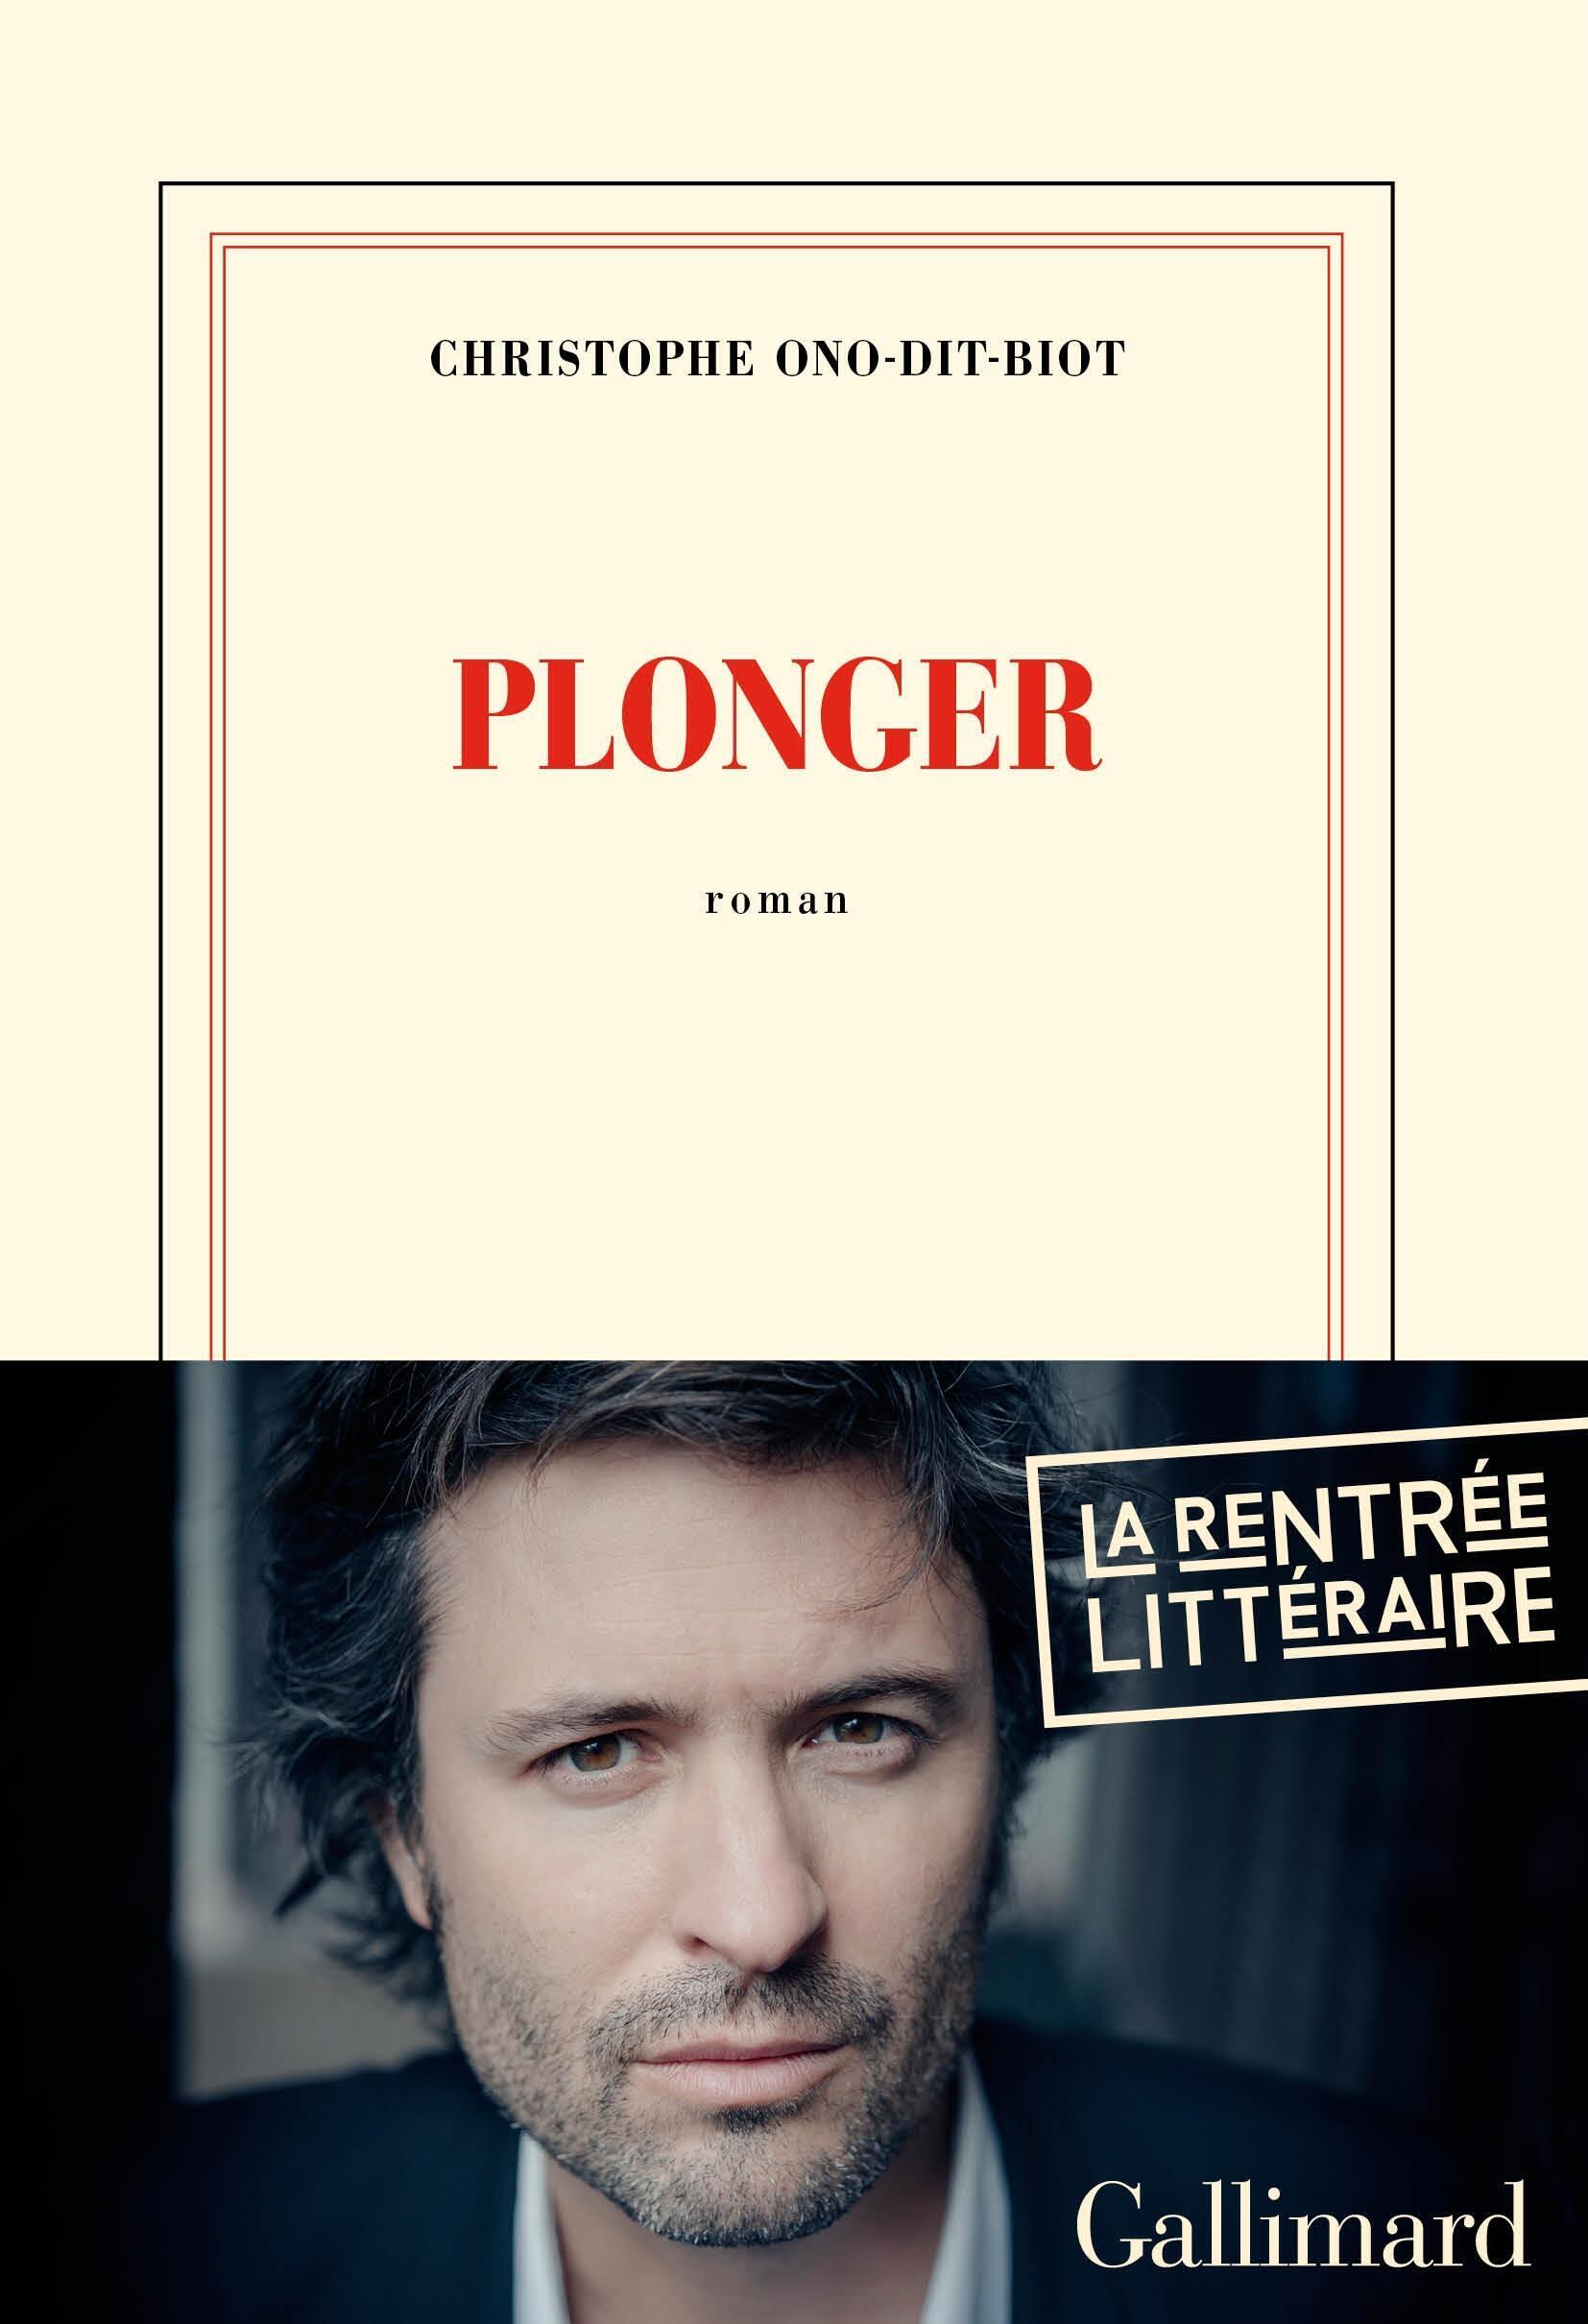 Plonger est le cinquième roman de Christophe Ono-Dit-Biot.